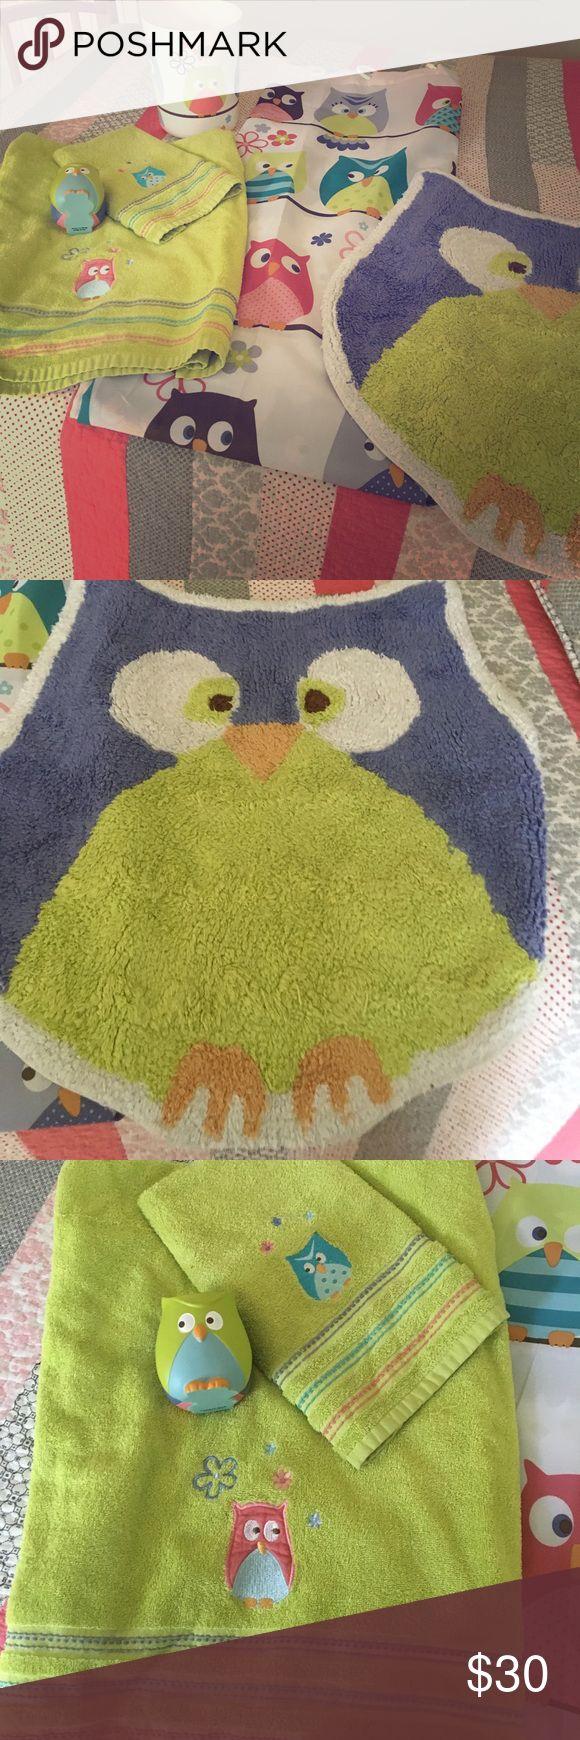 Girly Owl Bathroom Bundle! 💕